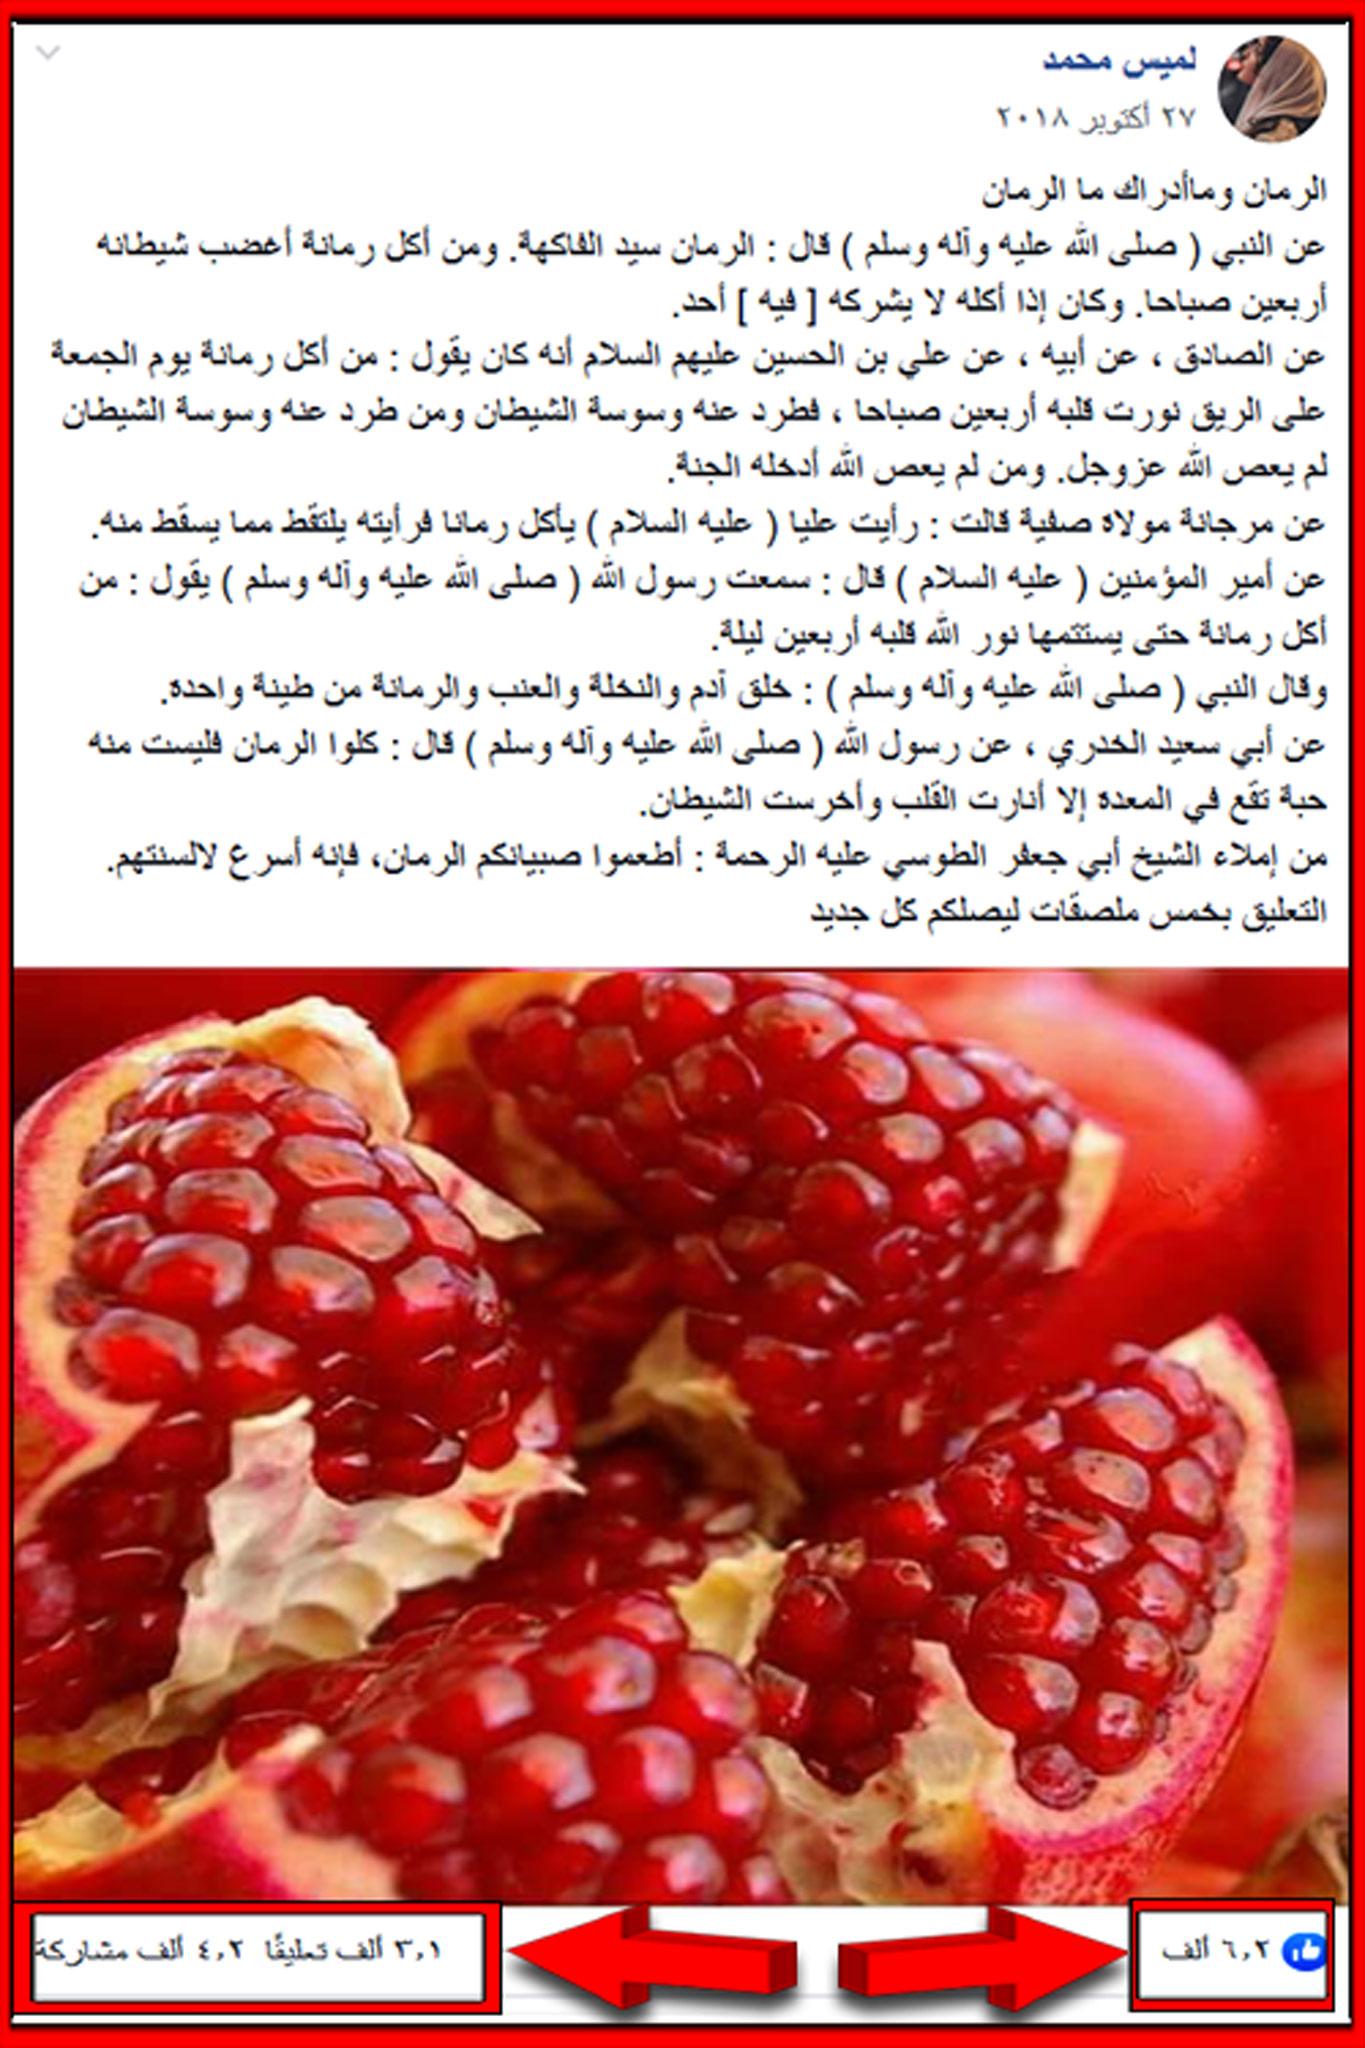 صورة خرافة أحاديث الرمان